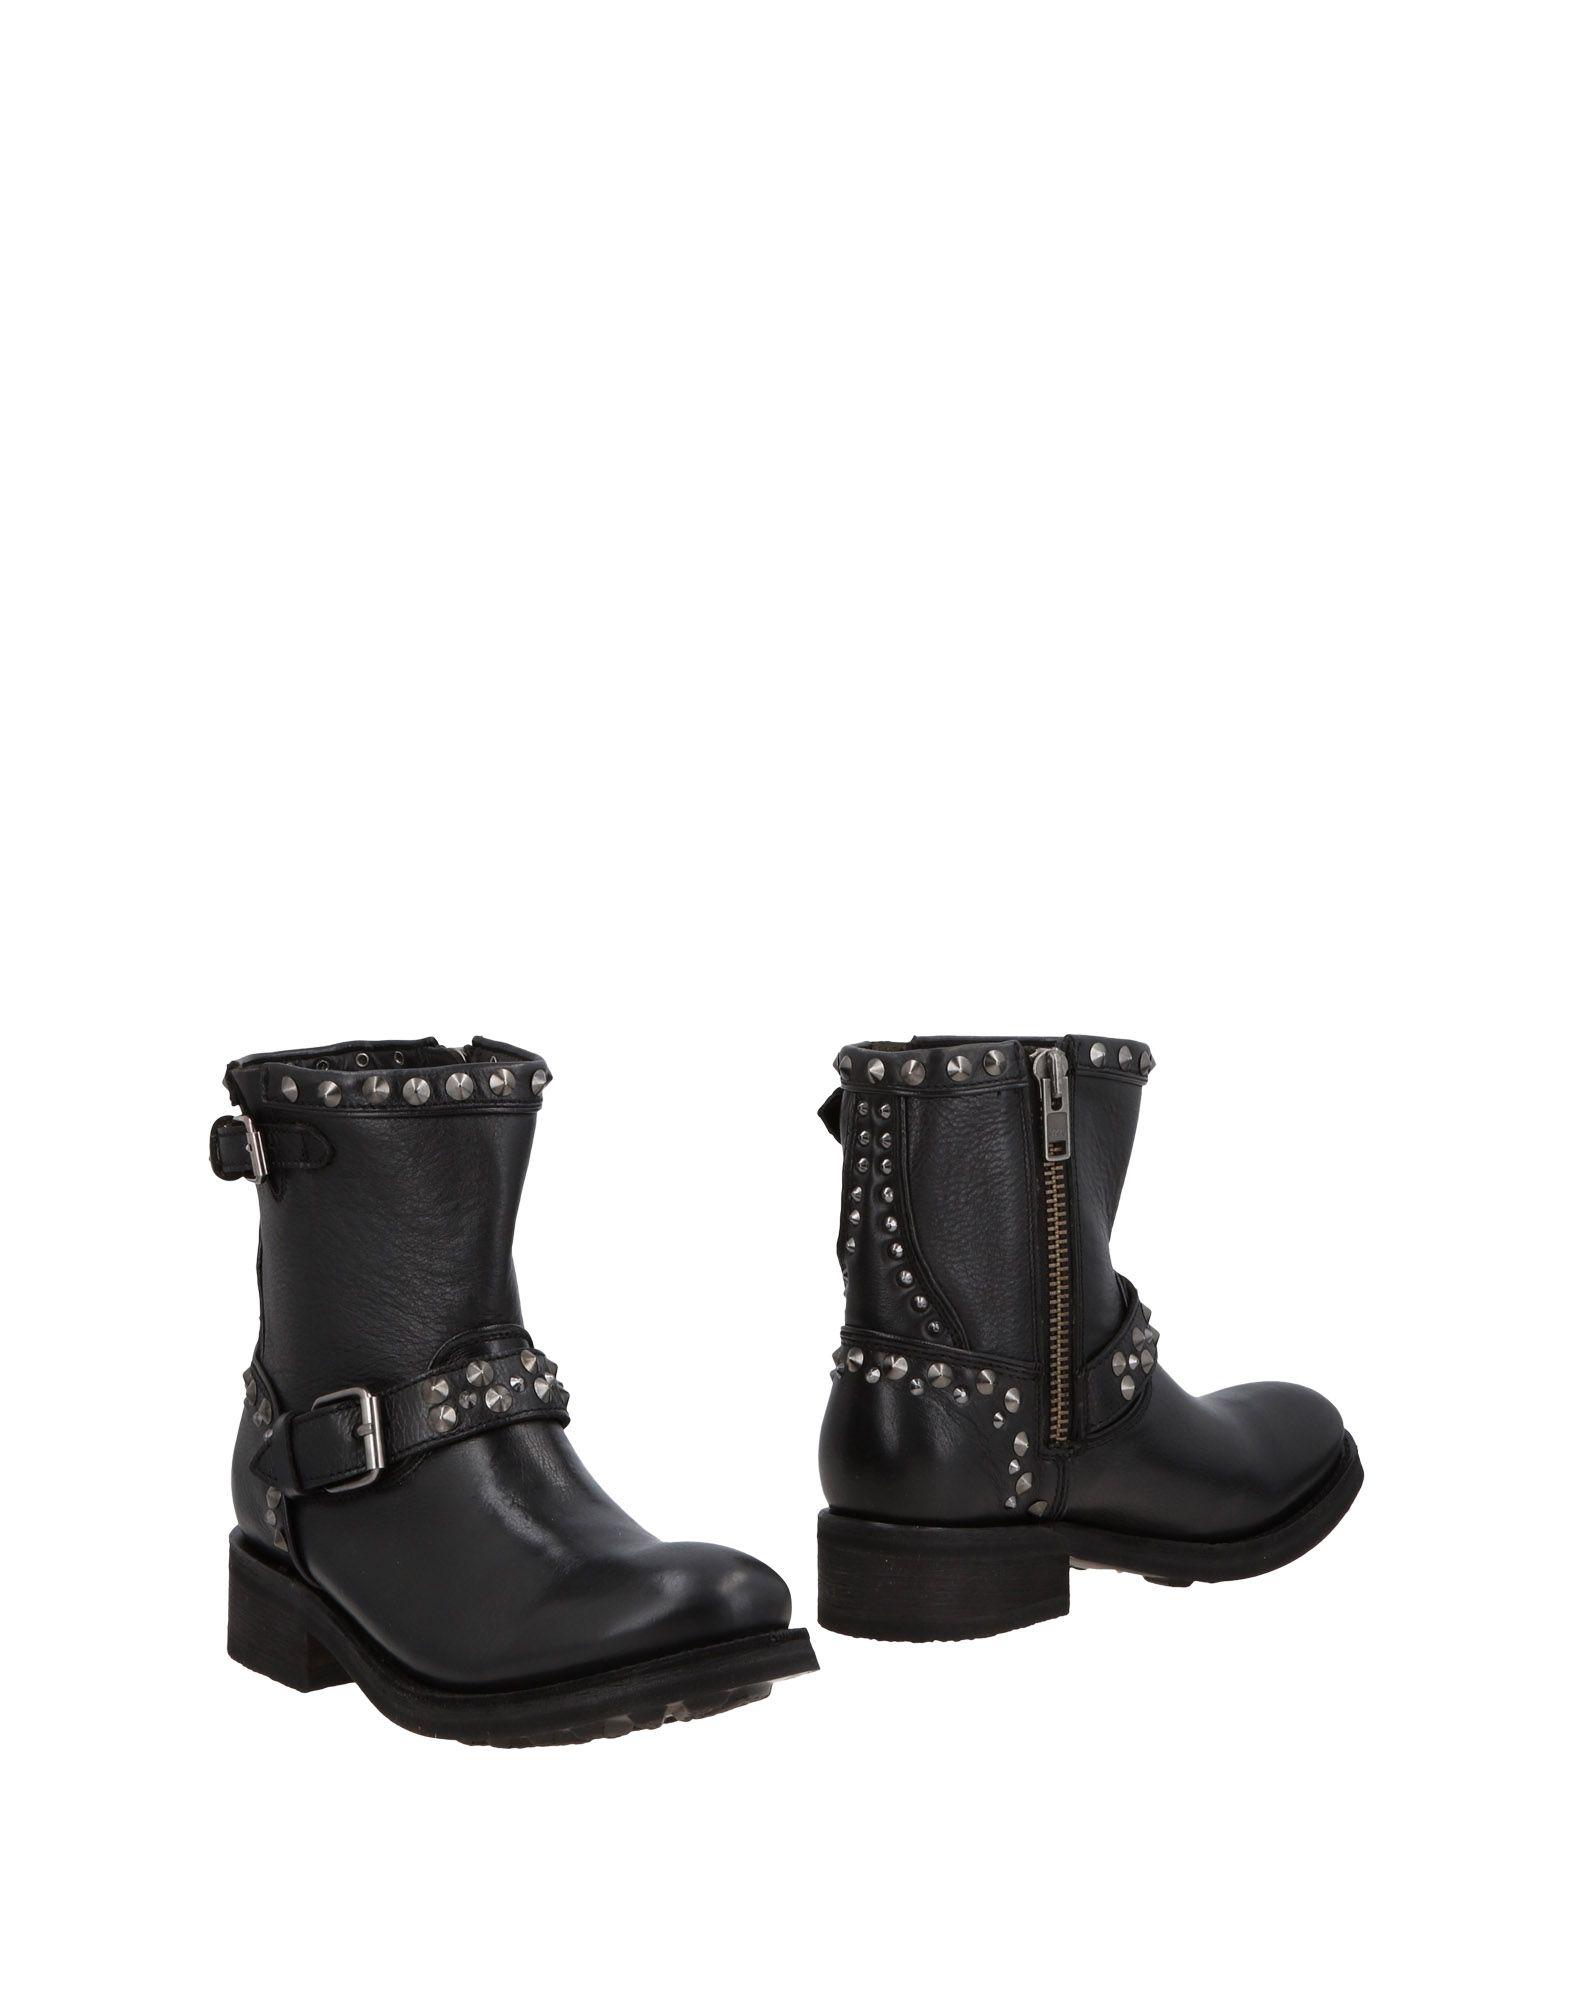 Bottine Ash Femme - Bottines Ash Noir Les chaussures les plus populaires pour les hommes et les femmes